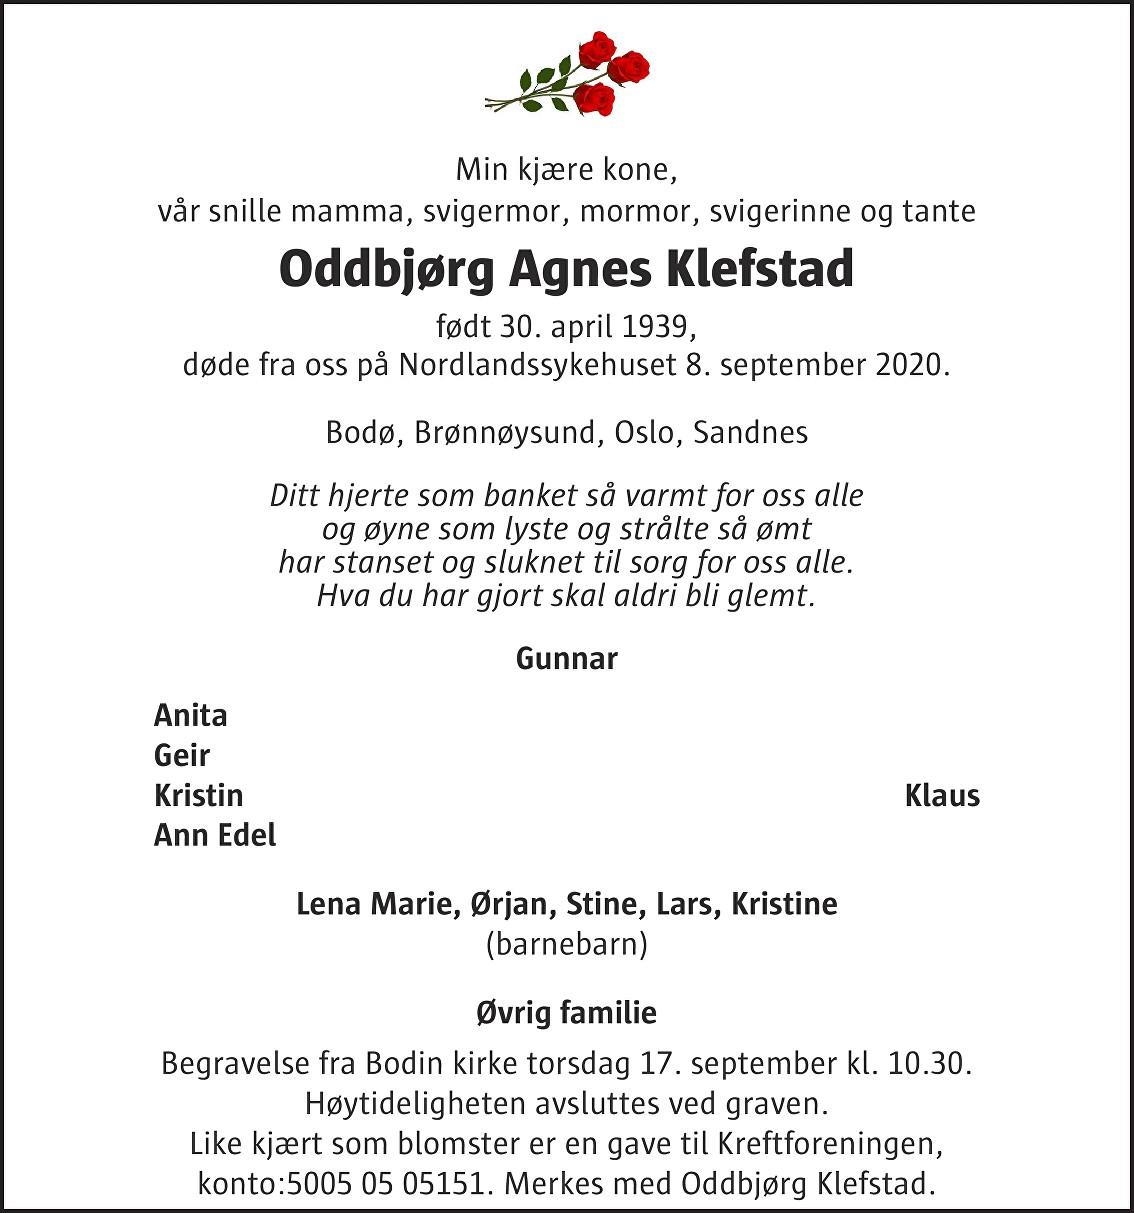 Oddbjørg Agnes Klefstad Dødsannonse